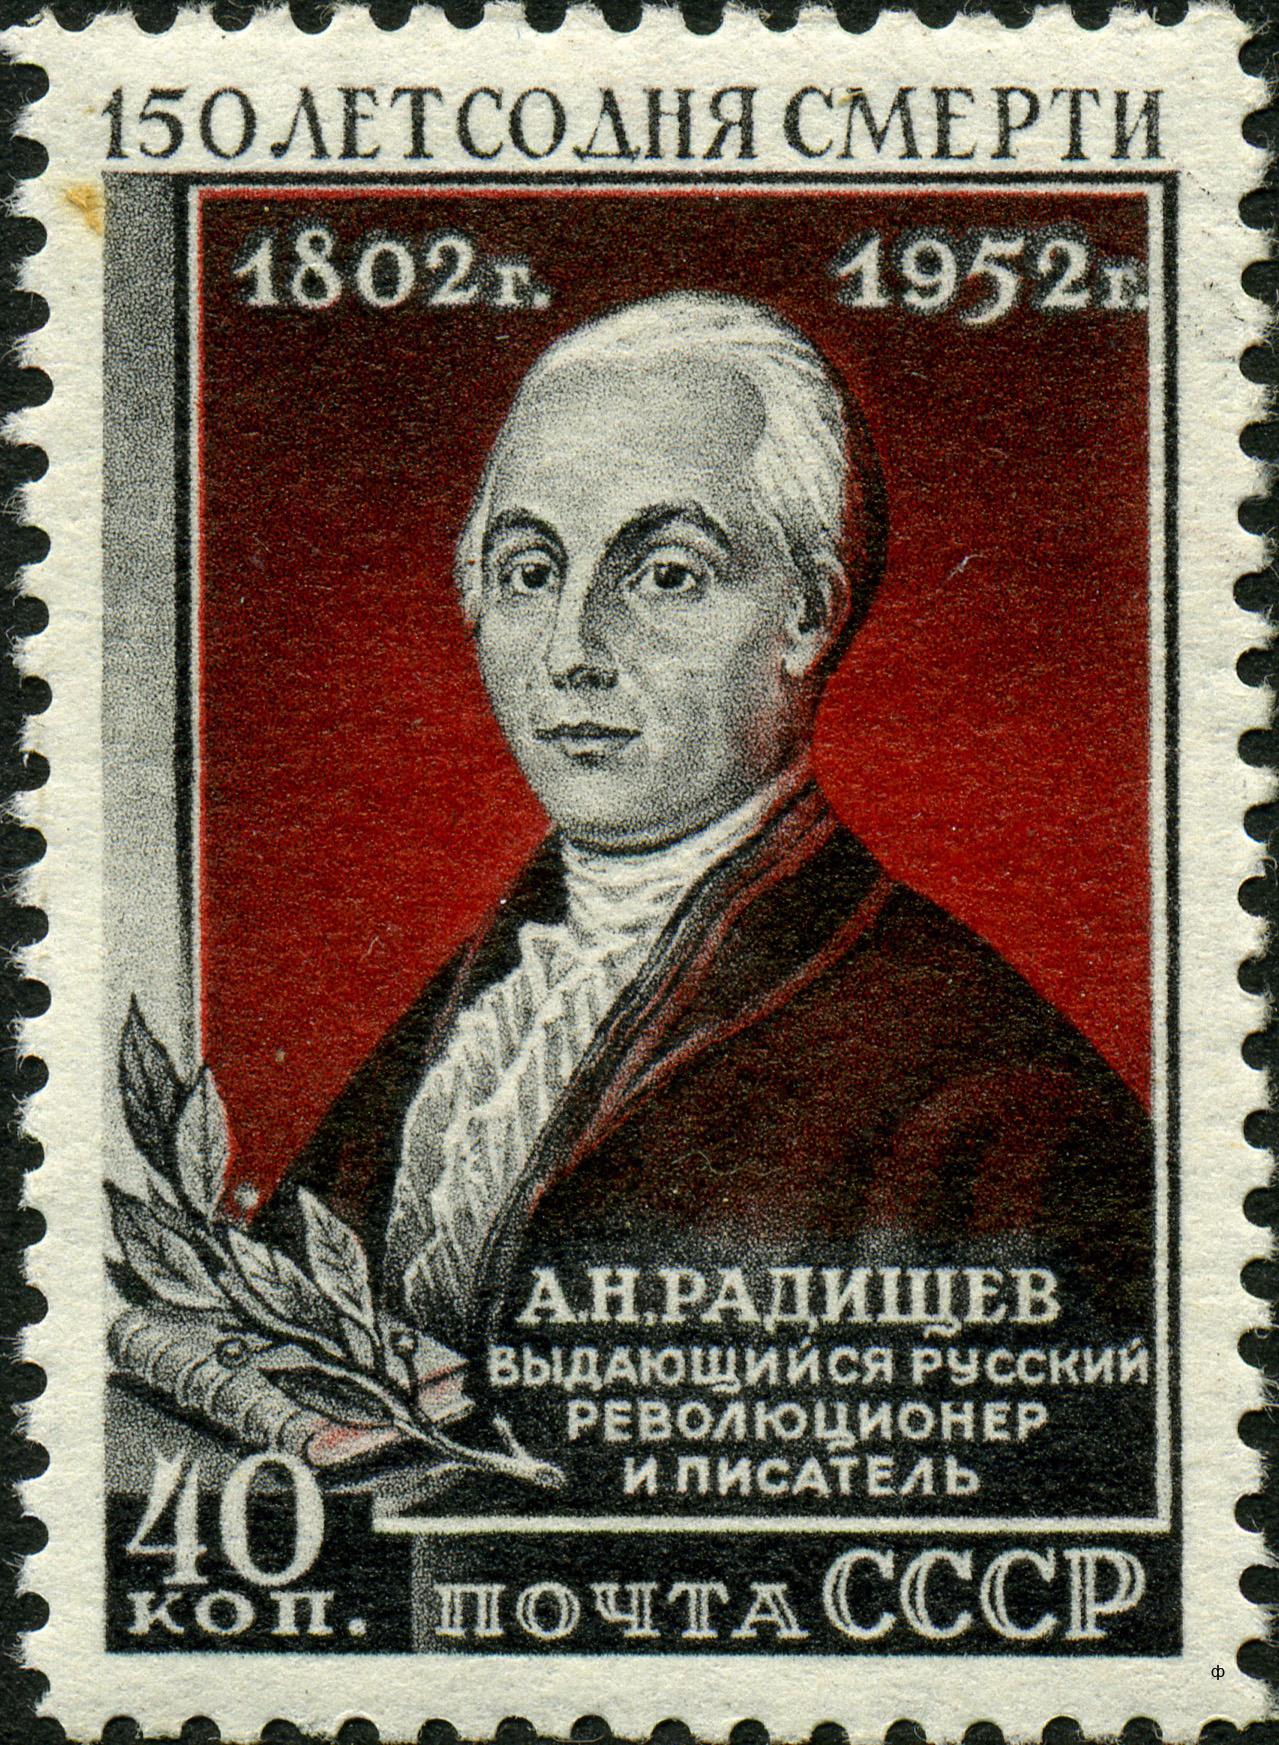 Почтовая марка с Александром Радищевым, СССР, 1952 год.